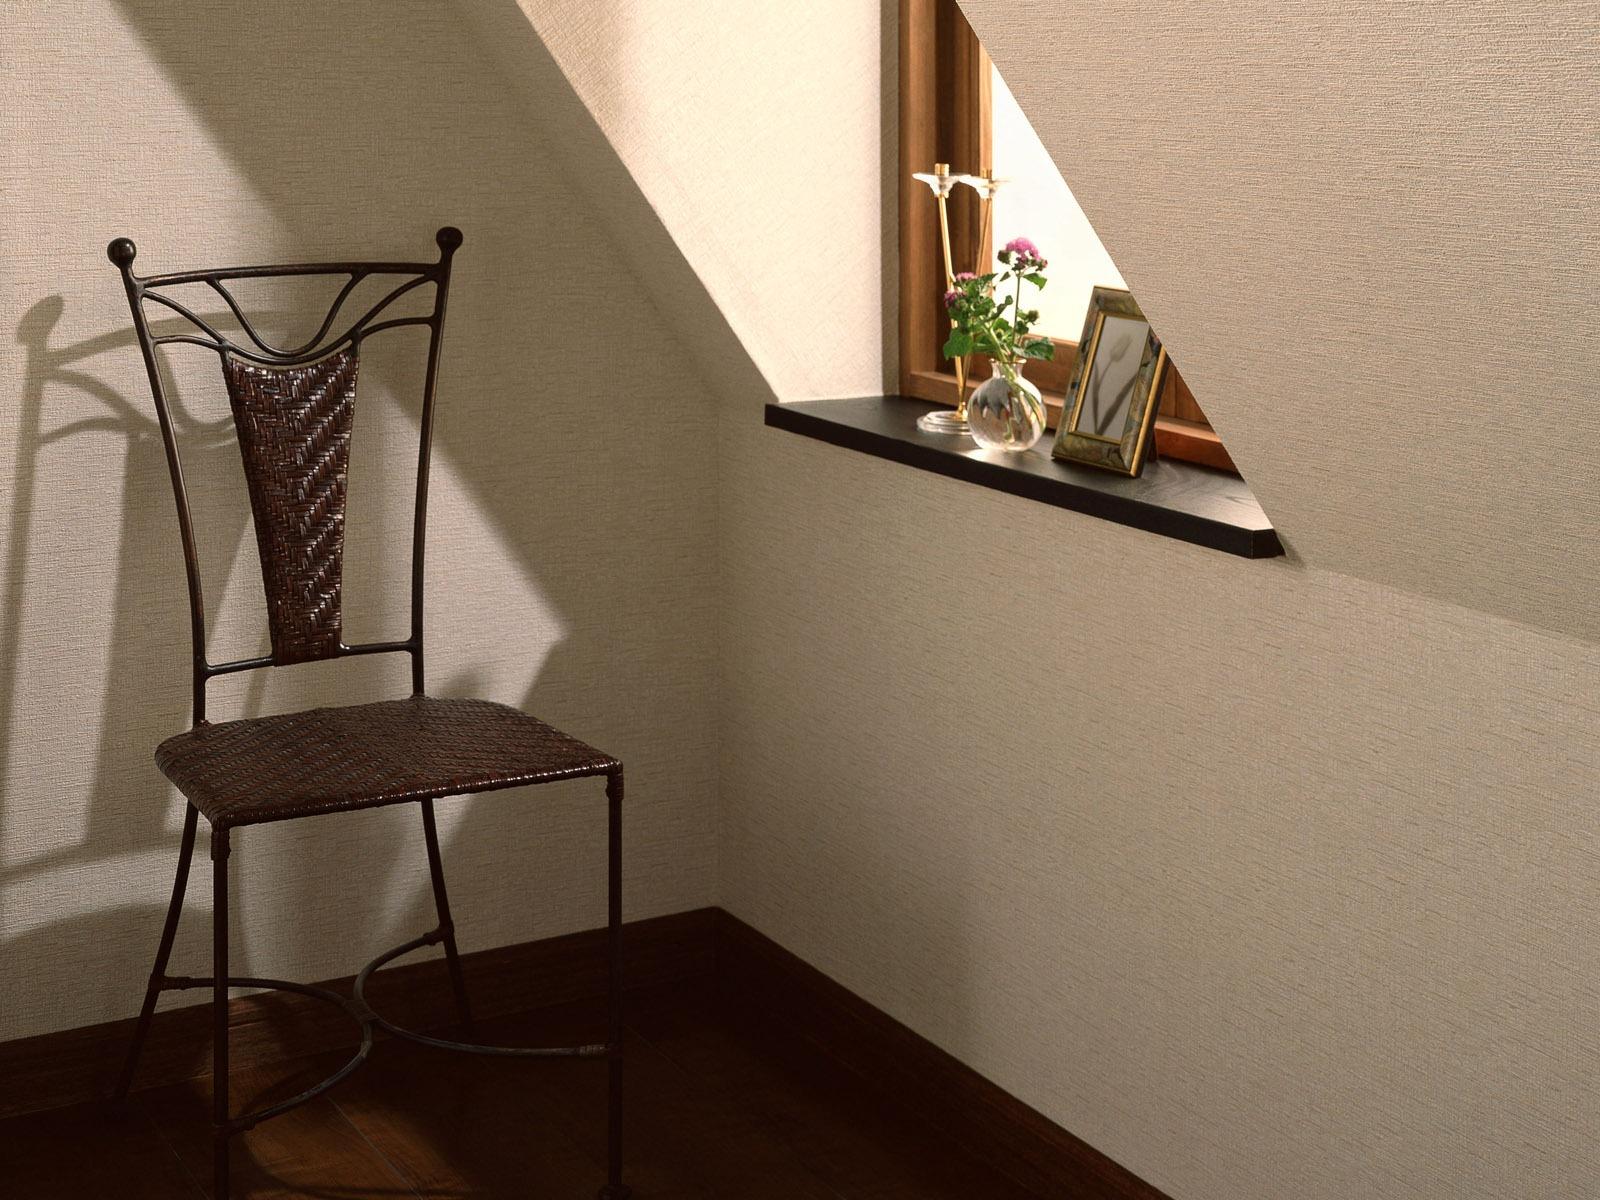 papier peint fleurs d 39 int rieur 3 7 1600x1200 fond d 39 cran t l charger papier peint. Black Bedroom Furniture Sets. Home Design Ideas